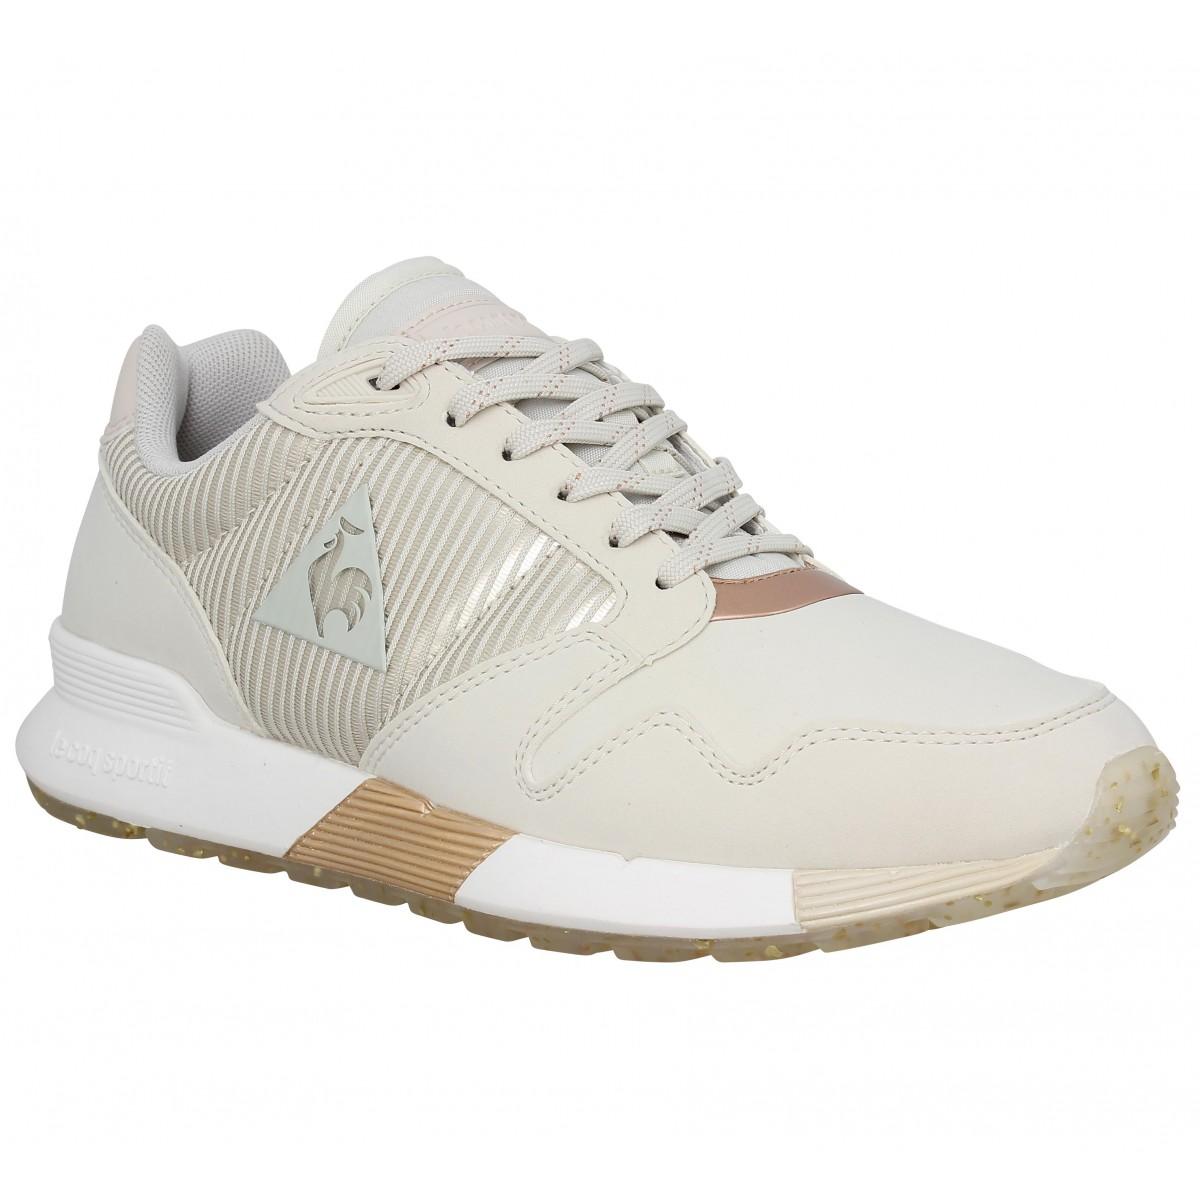 Le Coq Sportif Sneakers Femme